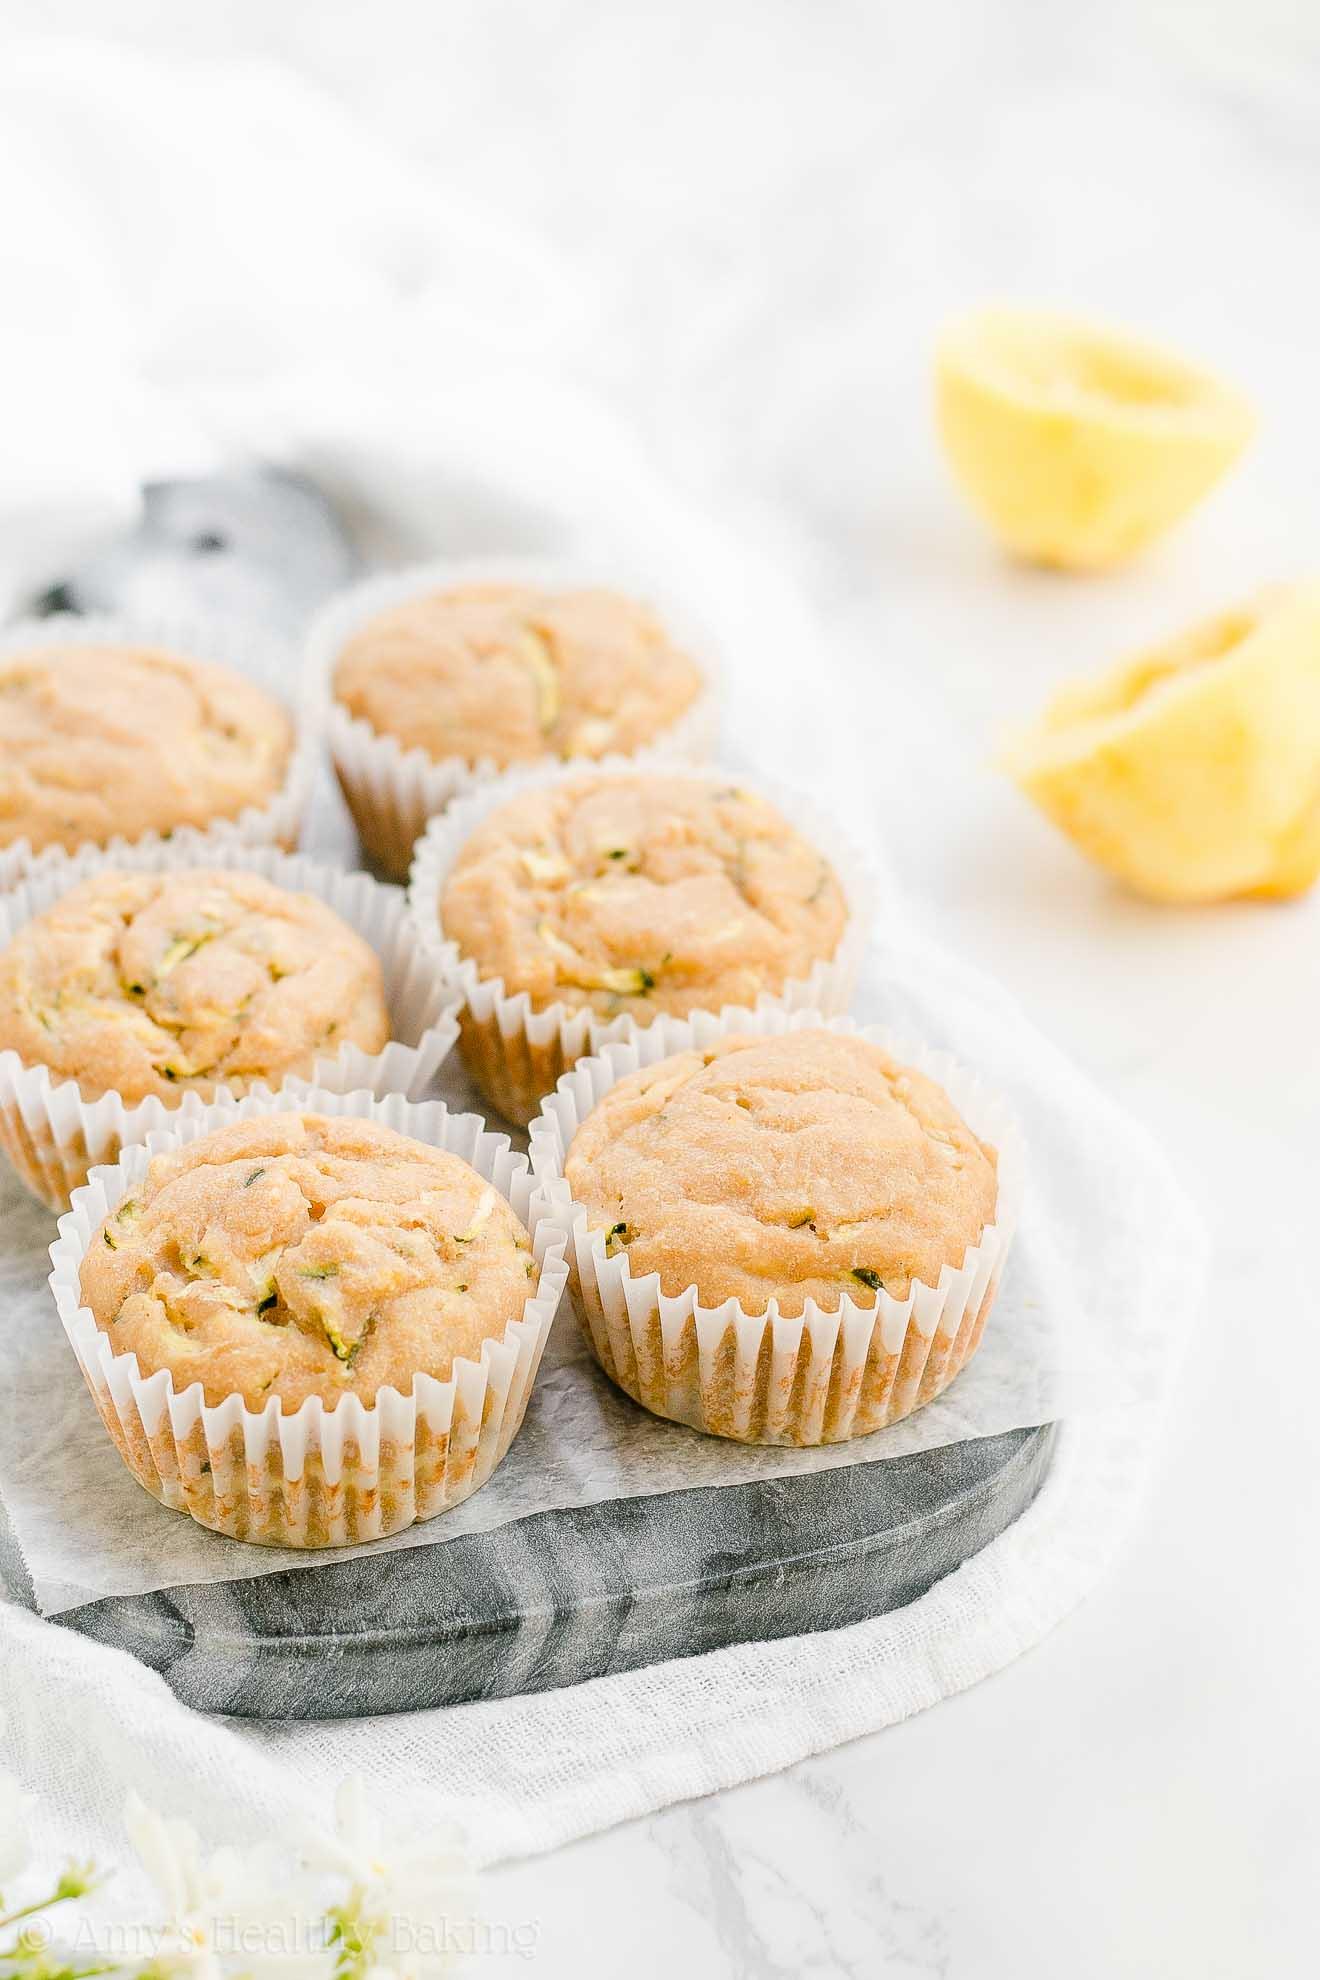 Healthy Whole Wheat Sugar Free Lemon Zucchini Muffins